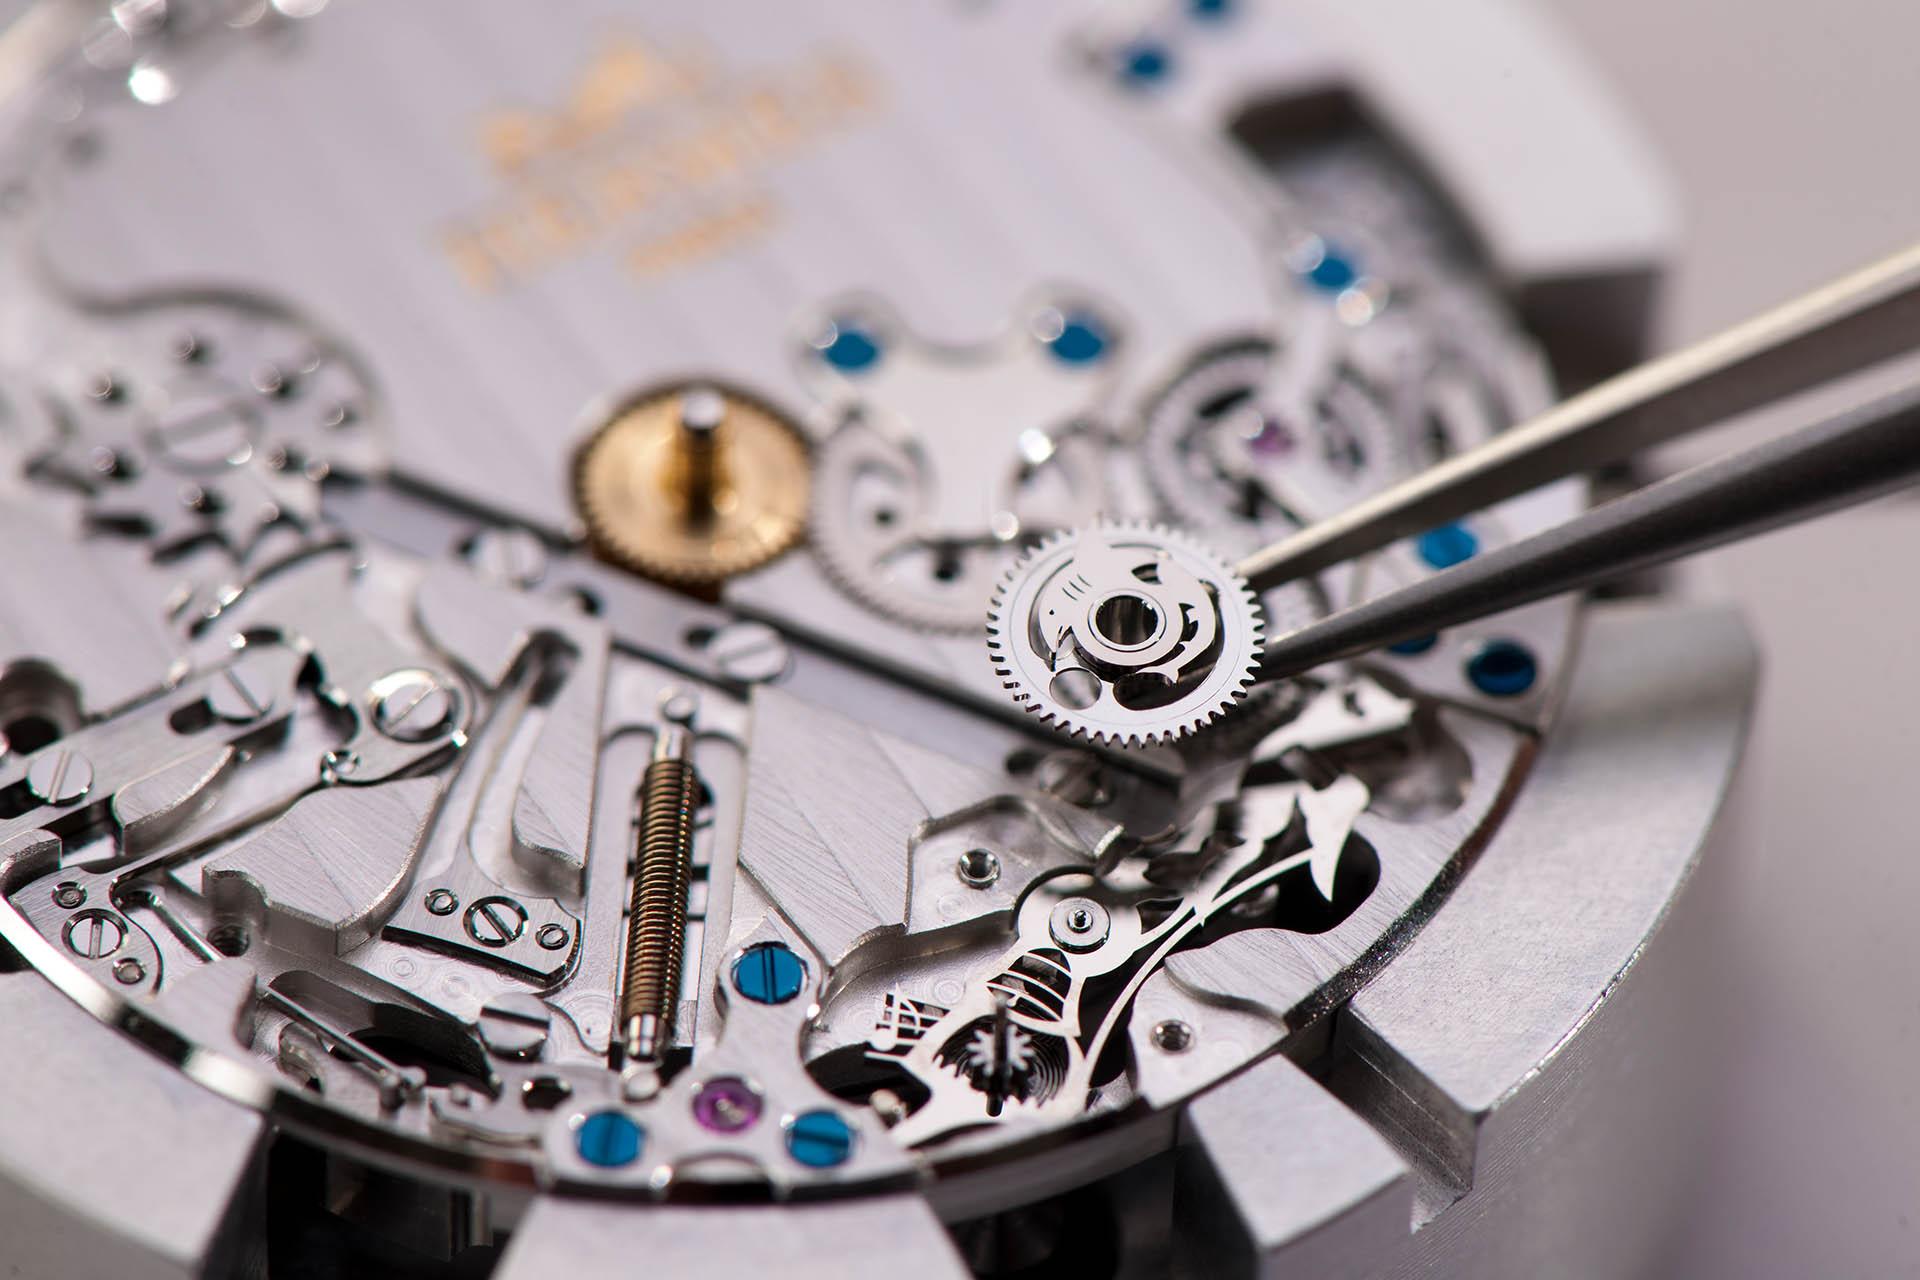 Humorvolles Detail im Uhrwerk des Automatikkalibers H1912 der Slim d'Hermès L'heure impatiente: Ein Rad hat die Gestalt eines Fischs, seine Flosse ragt als einzelner Zahn nach oben.